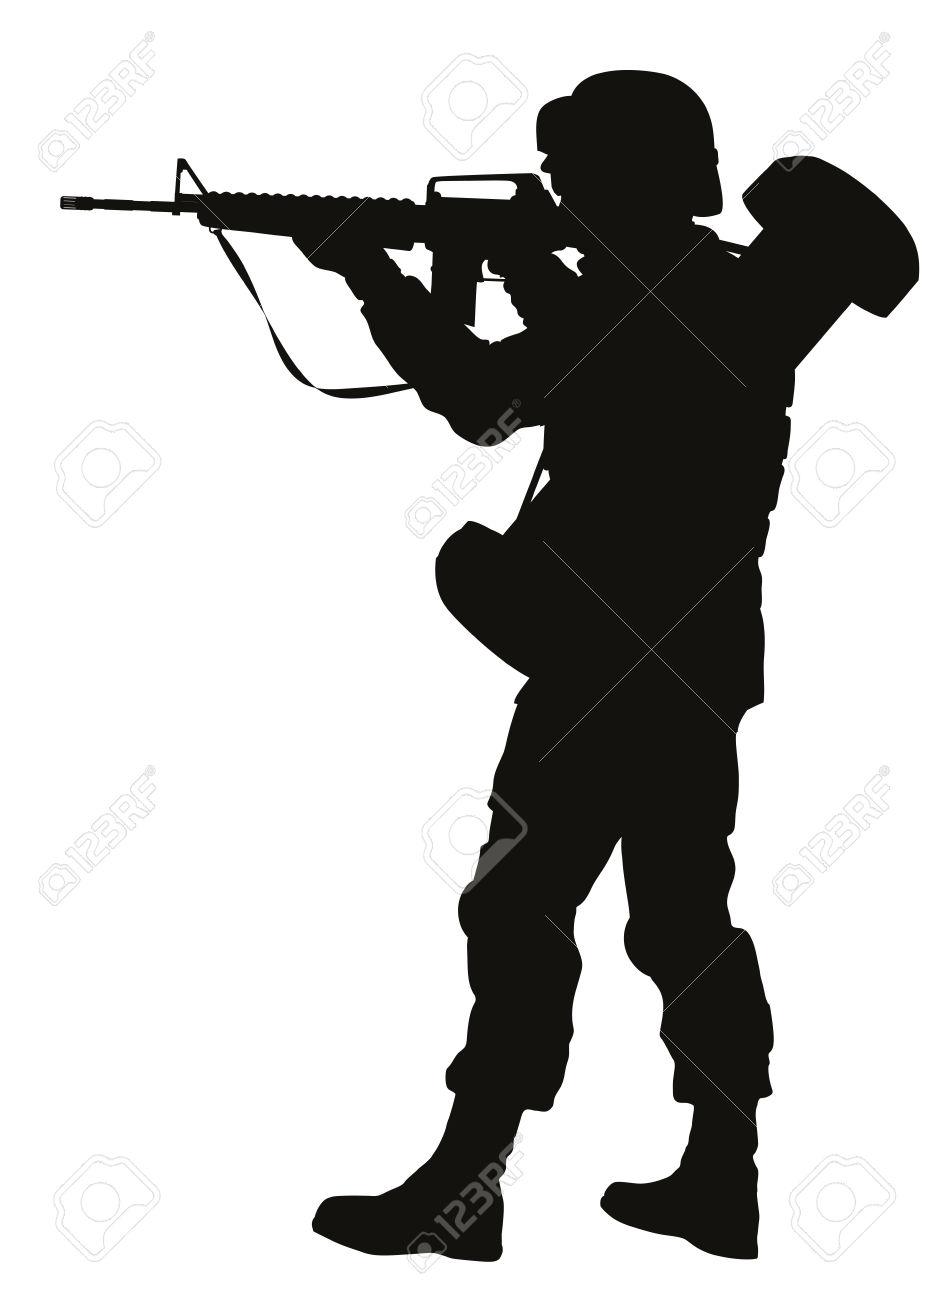 951x1300 Soldiers Clipart Gun Silhouette